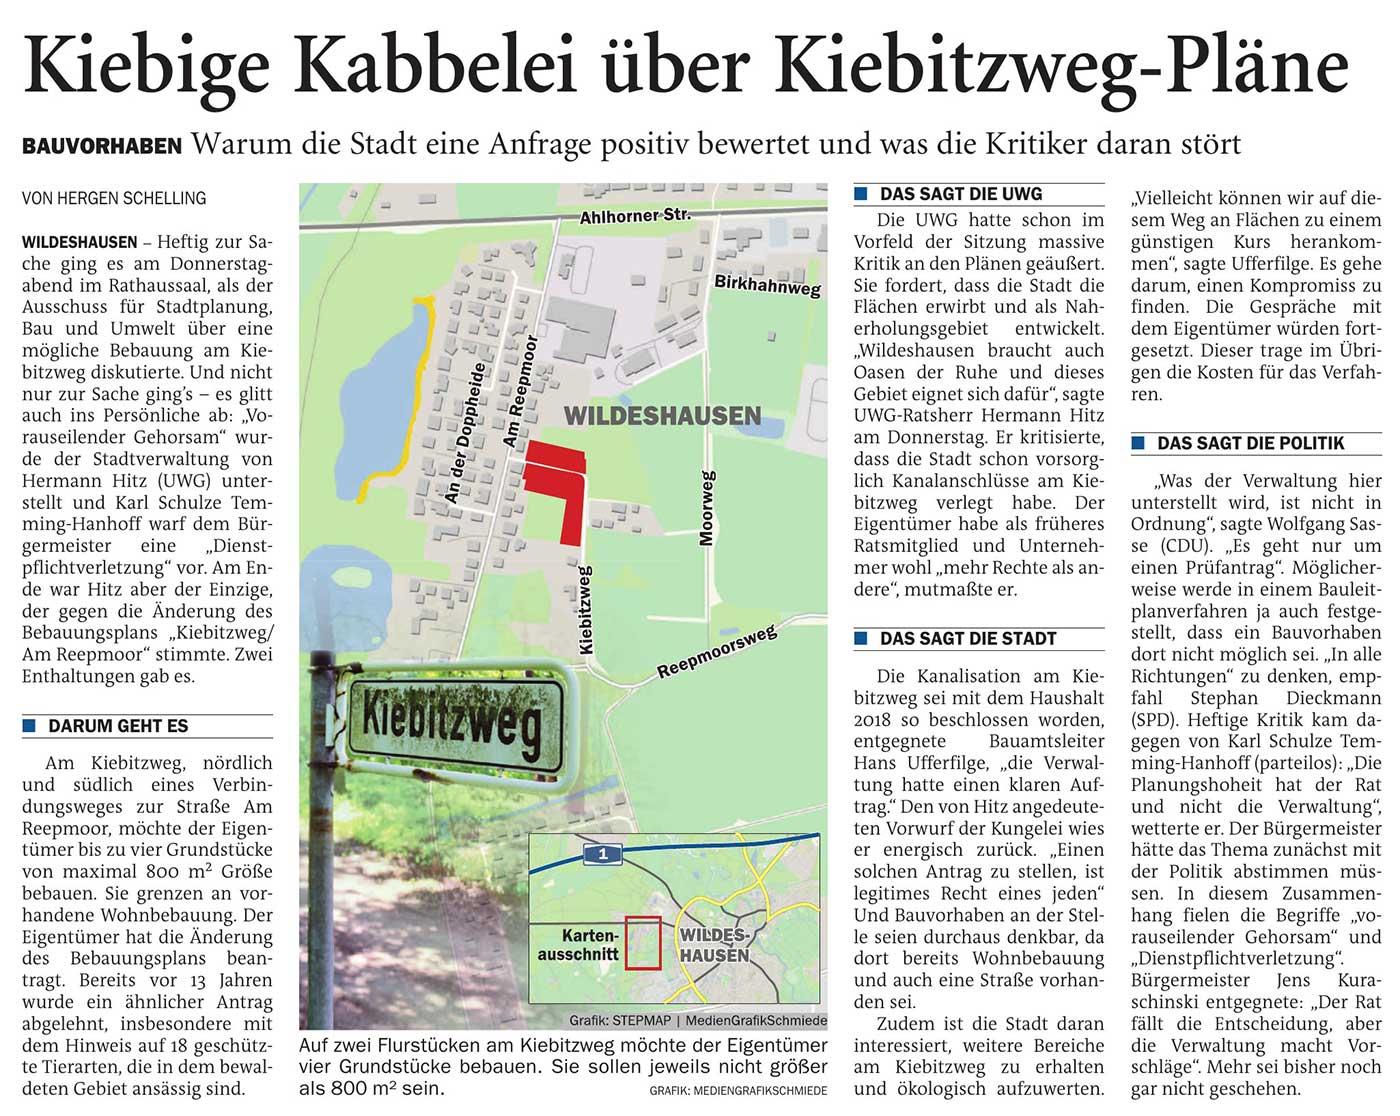 Kiebige Kabbelei über Kiebitzweg-PläneBauvorhaben: Warum die Stadt eine Anfrage positiv bewertet und was die Kritiker daran störtArtikel vom 26.06.2021 (NWZ)